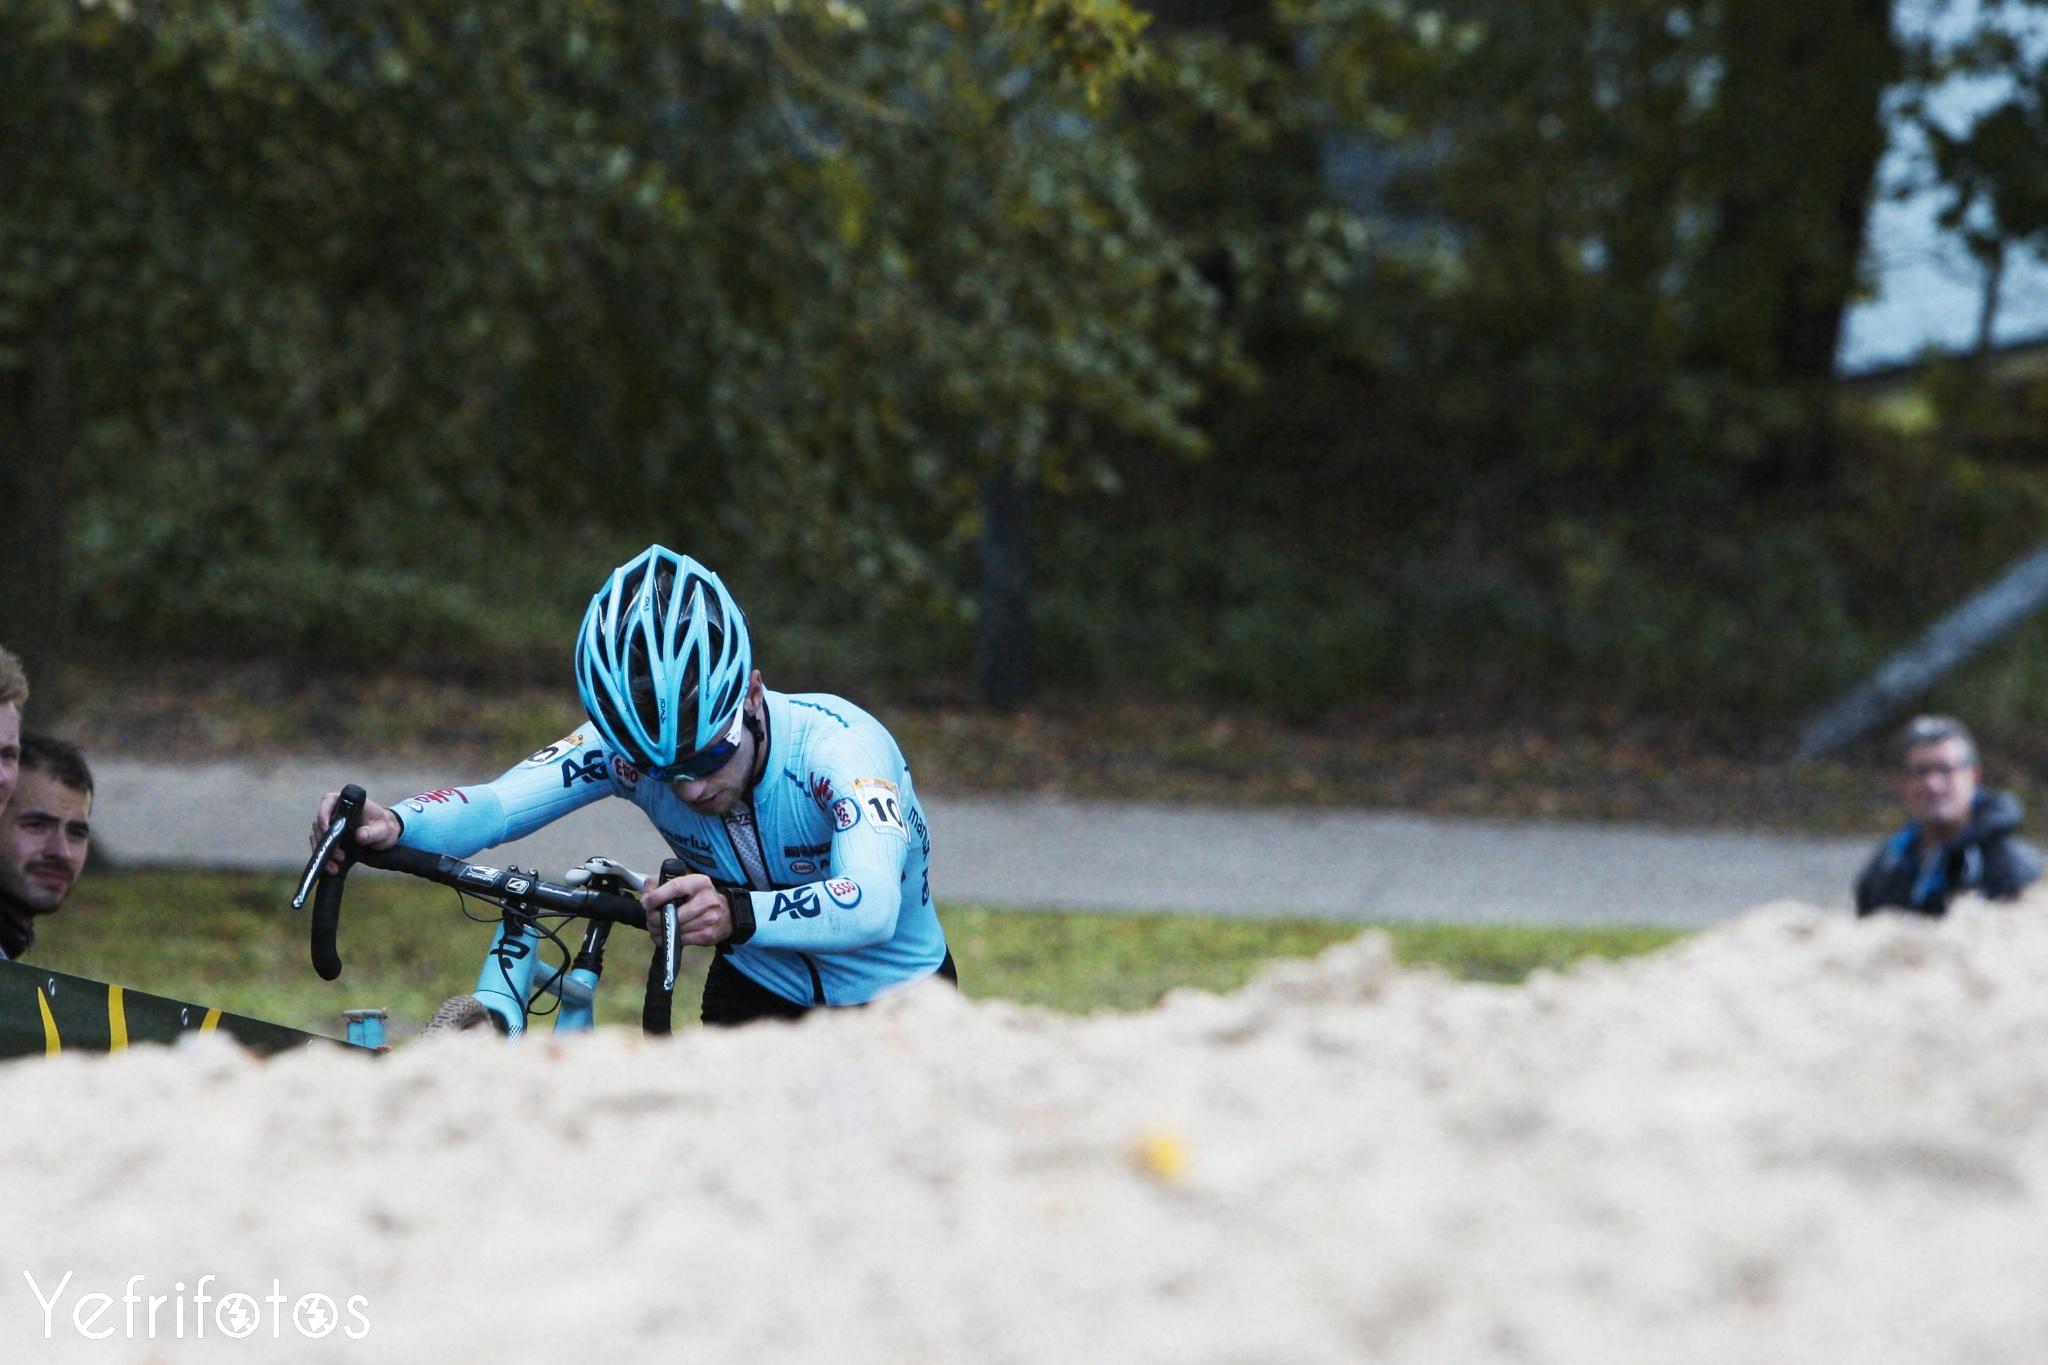 Koksijde - UCI Cyclocross World Cup - Eli Iserbyt